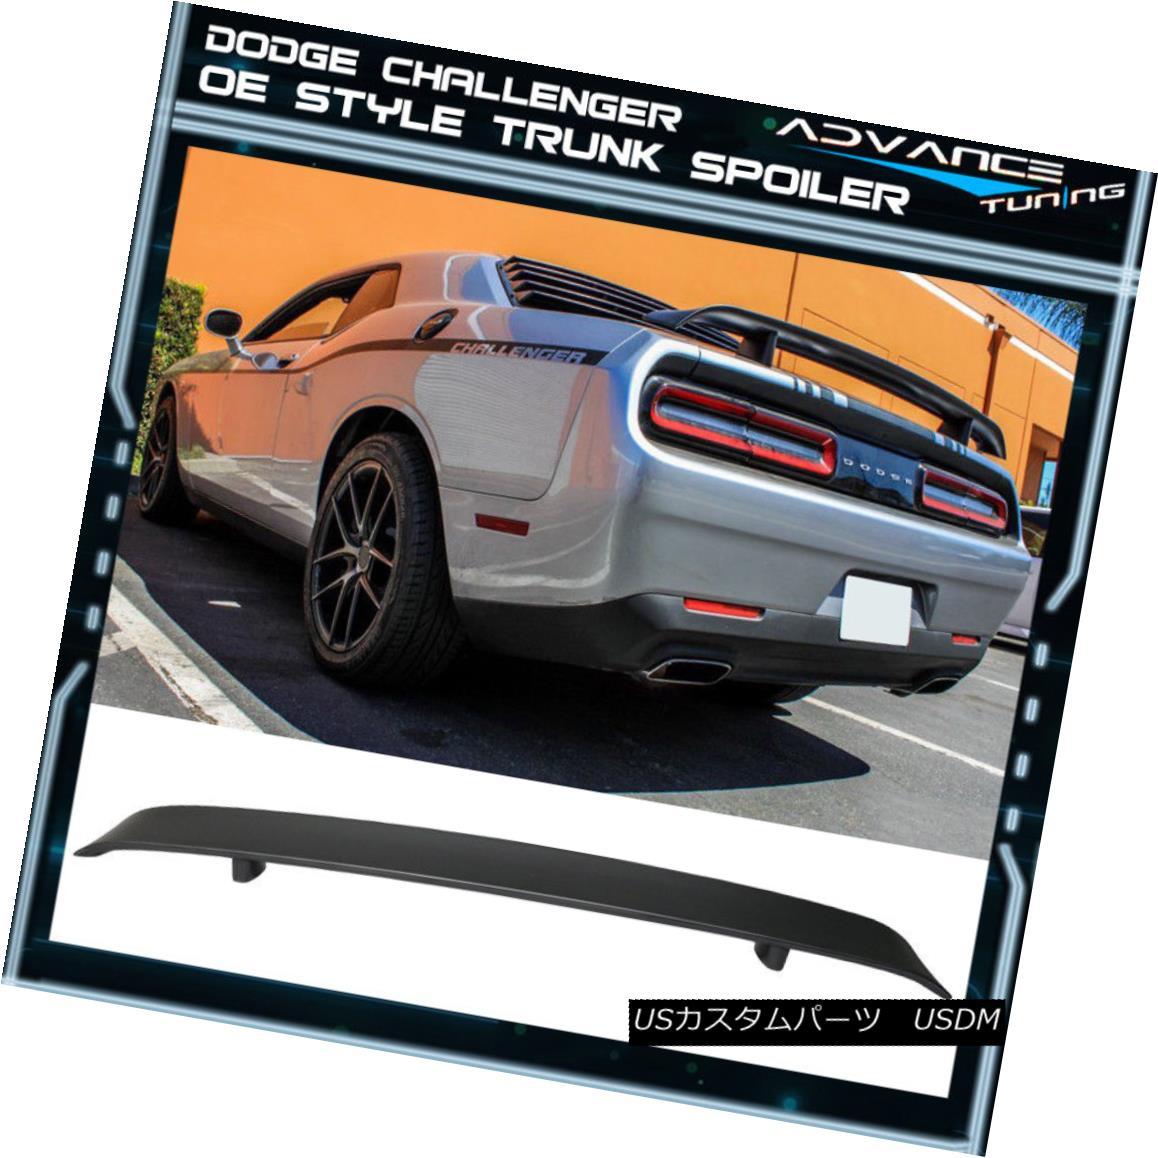 エアロパーツ 08-14 Dodge Challenger OE Style Rear Trunk Spoiler Deck Lid Unpainted ABS 08-14ダッジチャレンジャーOEスタイルリアトランクスポイラーデッキリッド未塗装ABS